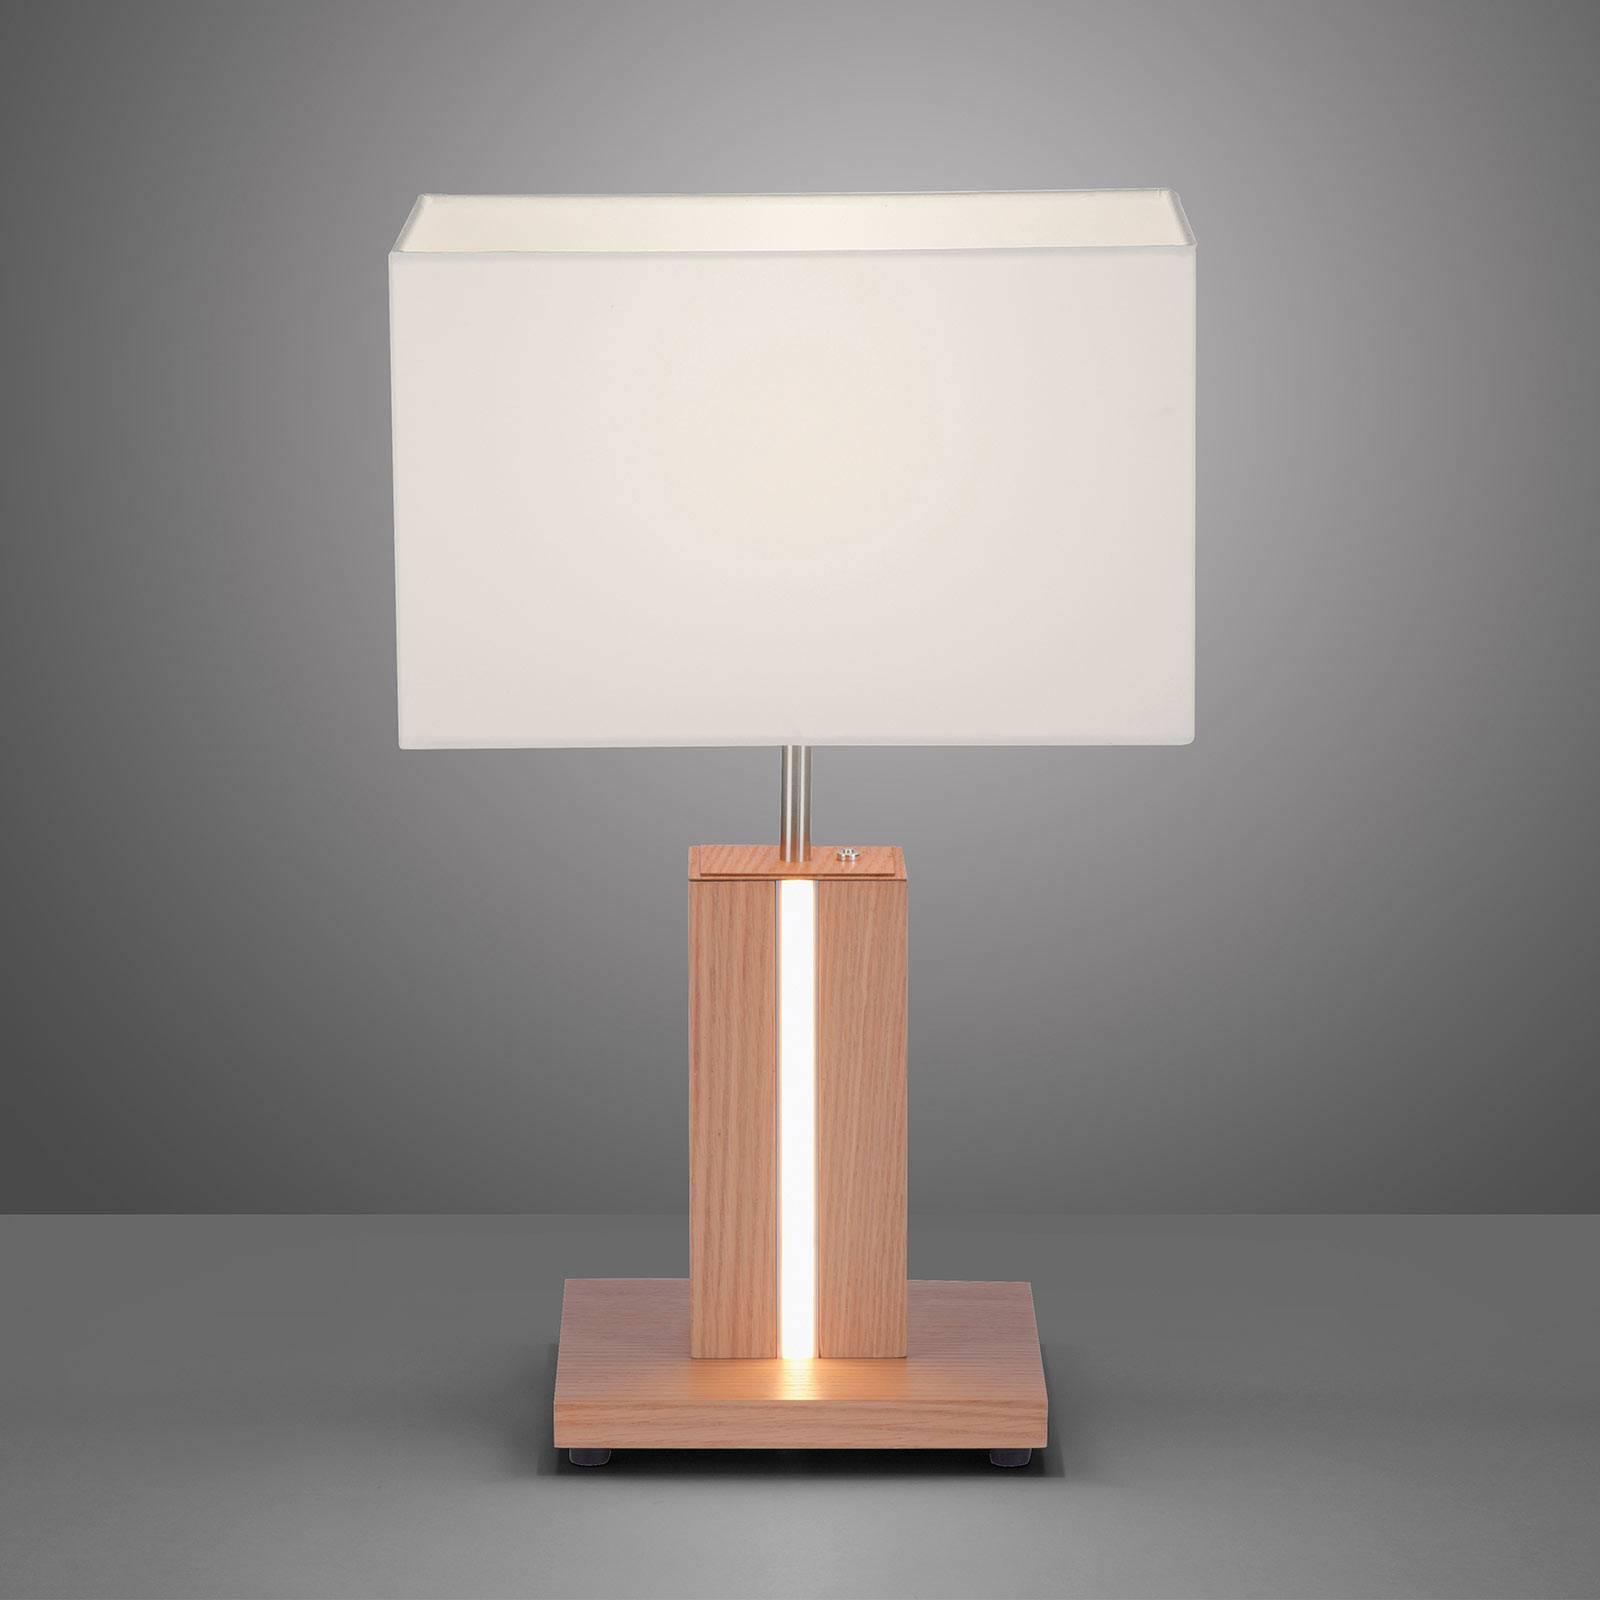 Tafellamp Amanda in houtoptiek 2-lamps